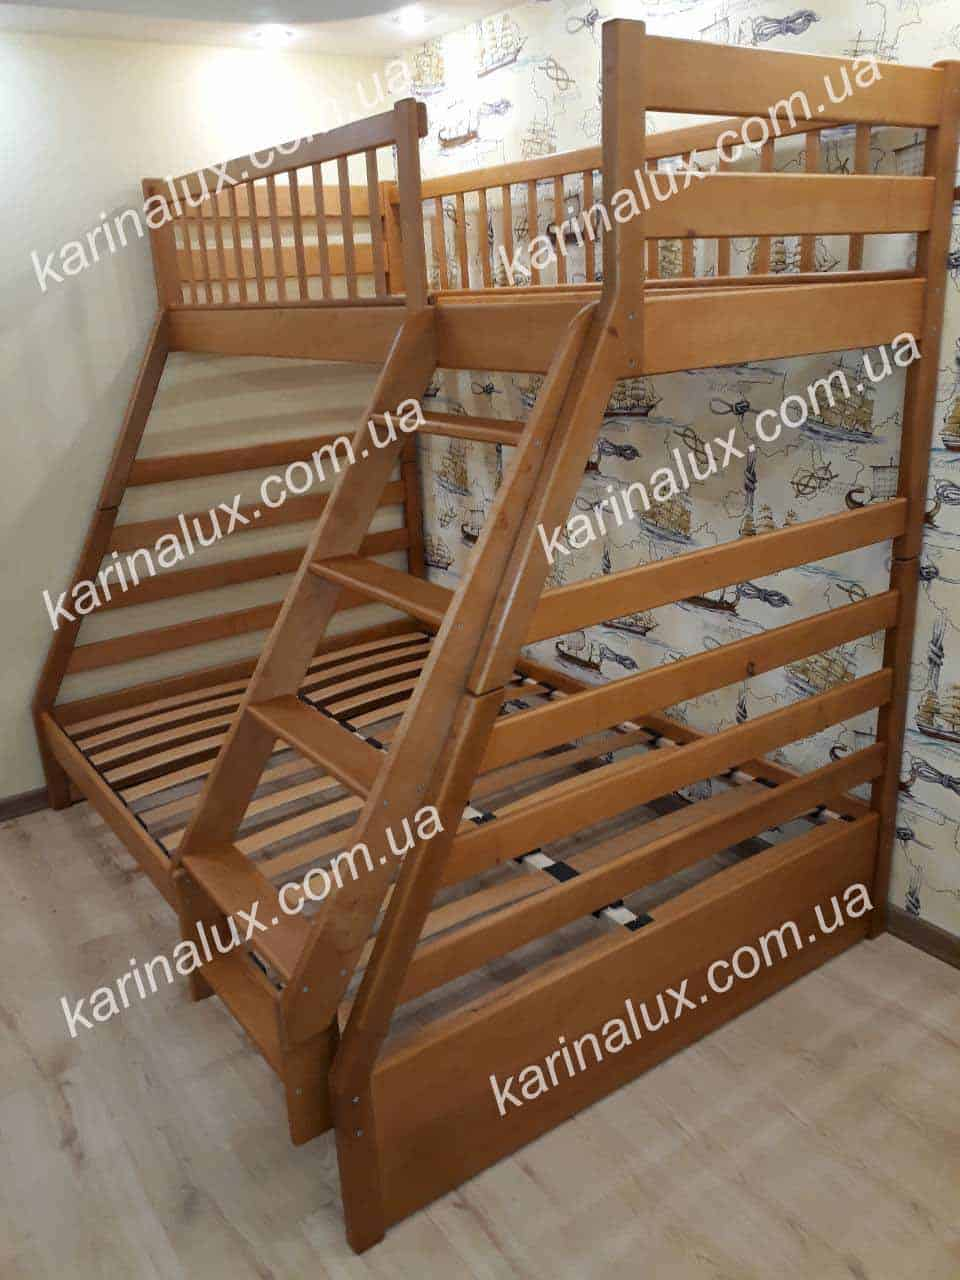 Кровать двухъярусная «Юлия» - karinalux.com.ua - karinalux.com.ua